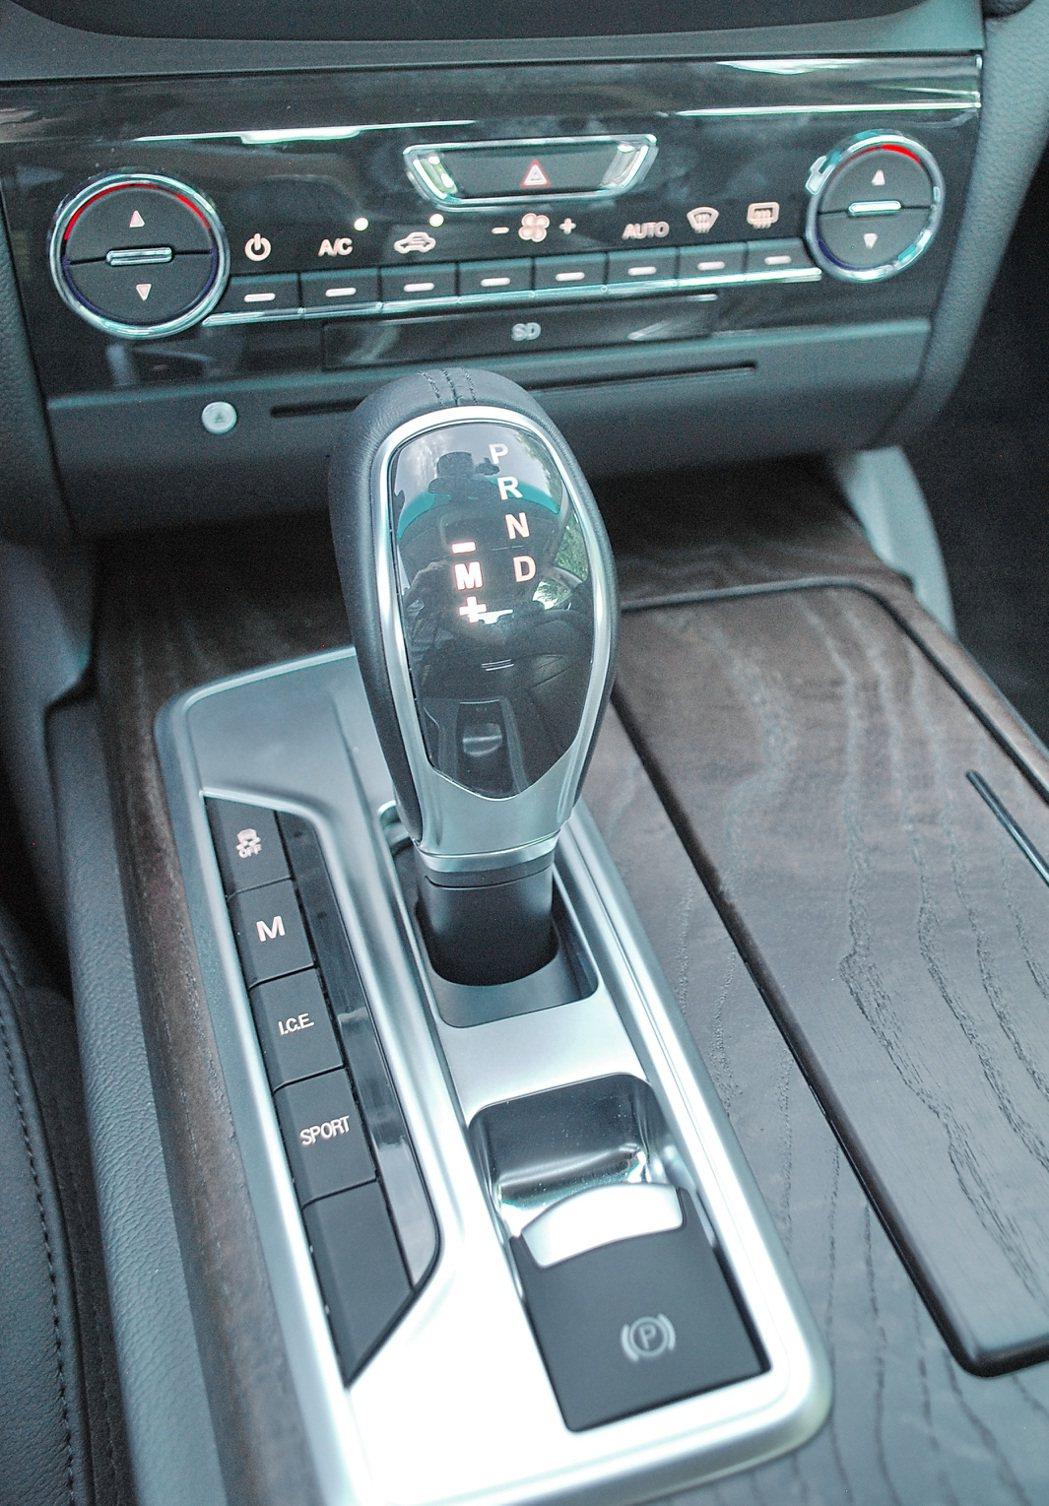 全車系ZF的8速手自排變速箱,動力傳輸線性直接,檔位變換快捷平順。排檔桿座有駕駛模式選擇按鍵,共五種模式可選